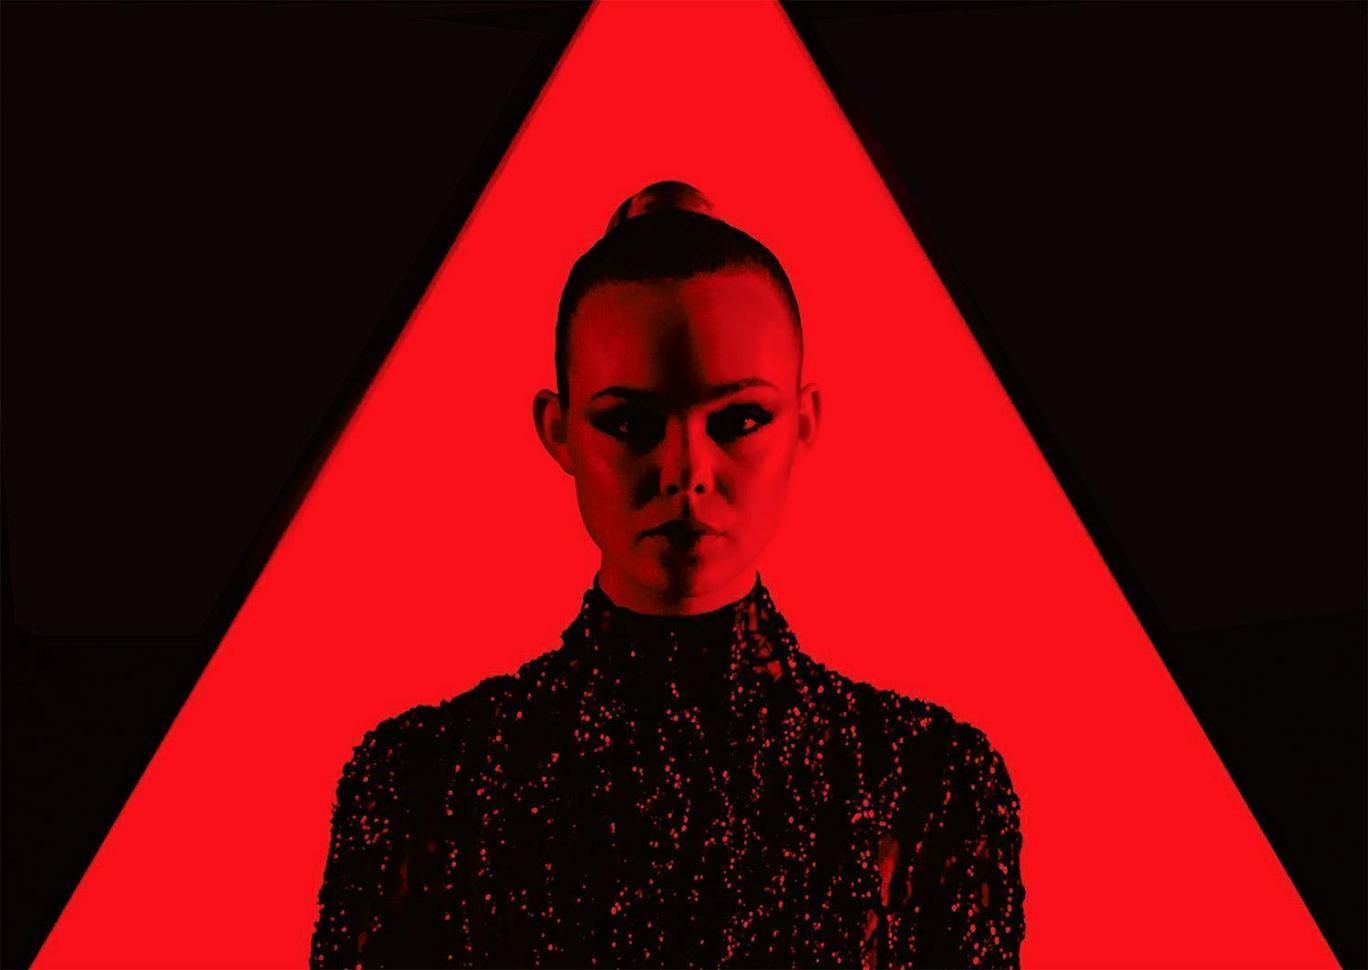 Kritik: The Neon Demon (DNK, FR, USA 2016)